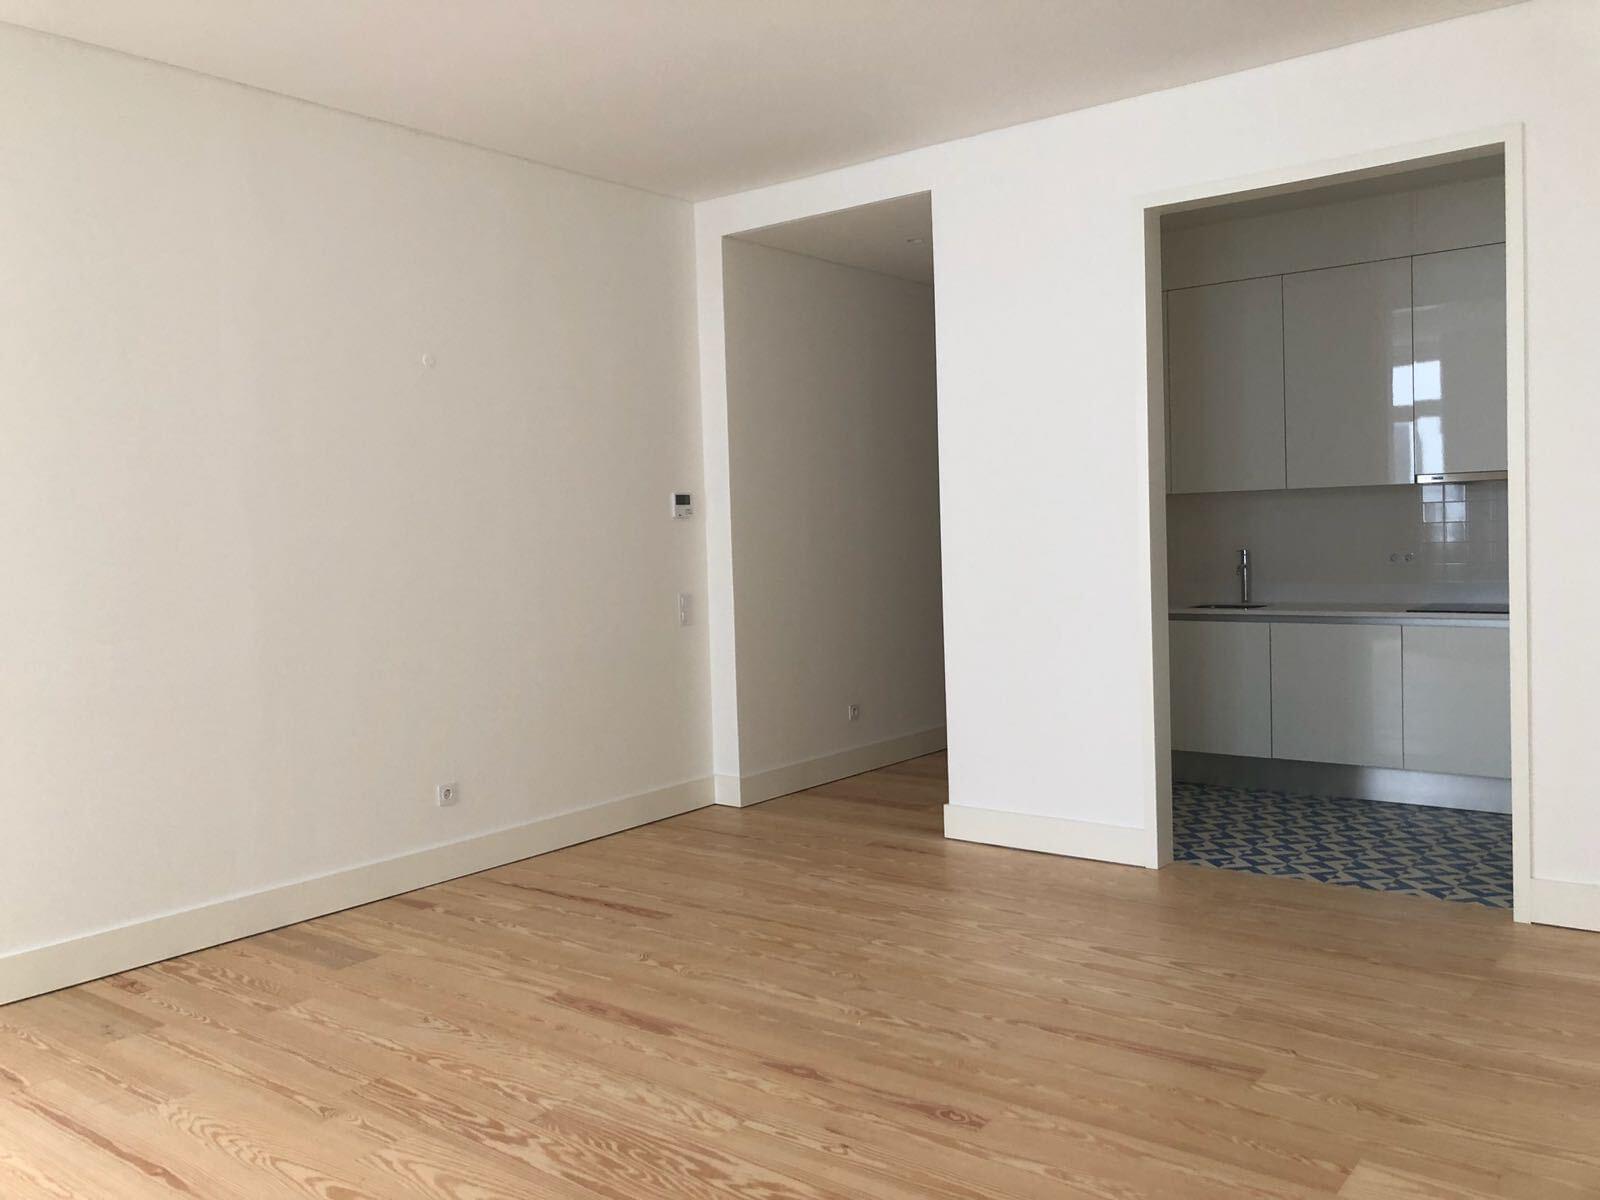 pf17142-apartamento-t2-lisboa-d3375ec2-a178-4a0d-8425-2c978ef36775